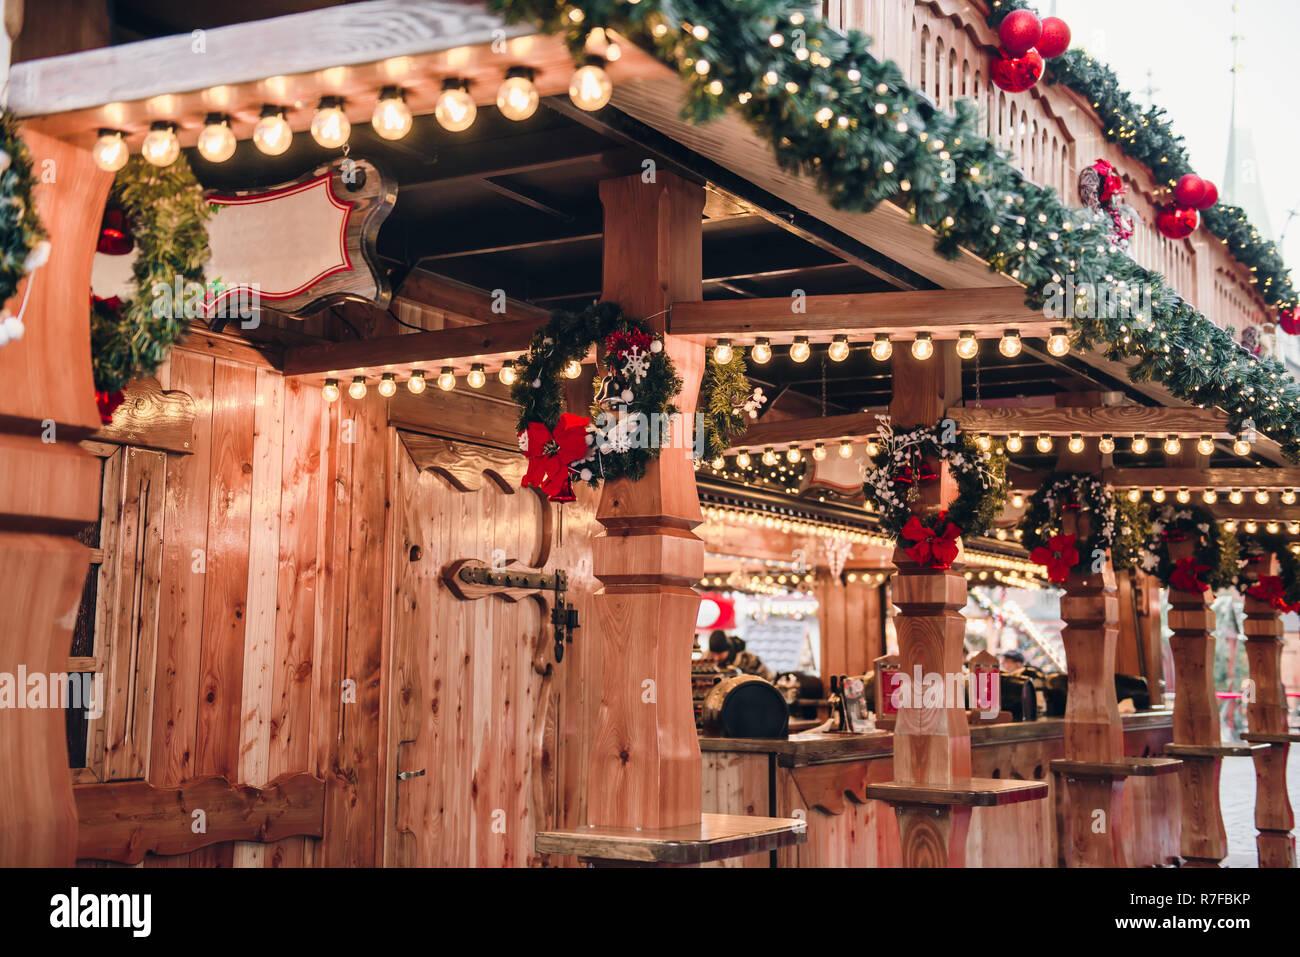 Beleuchtete Bilder Weihnachten.Beleuchtete Weihnachten Messe Kiosk Aus Holz Mit Viel Hellen